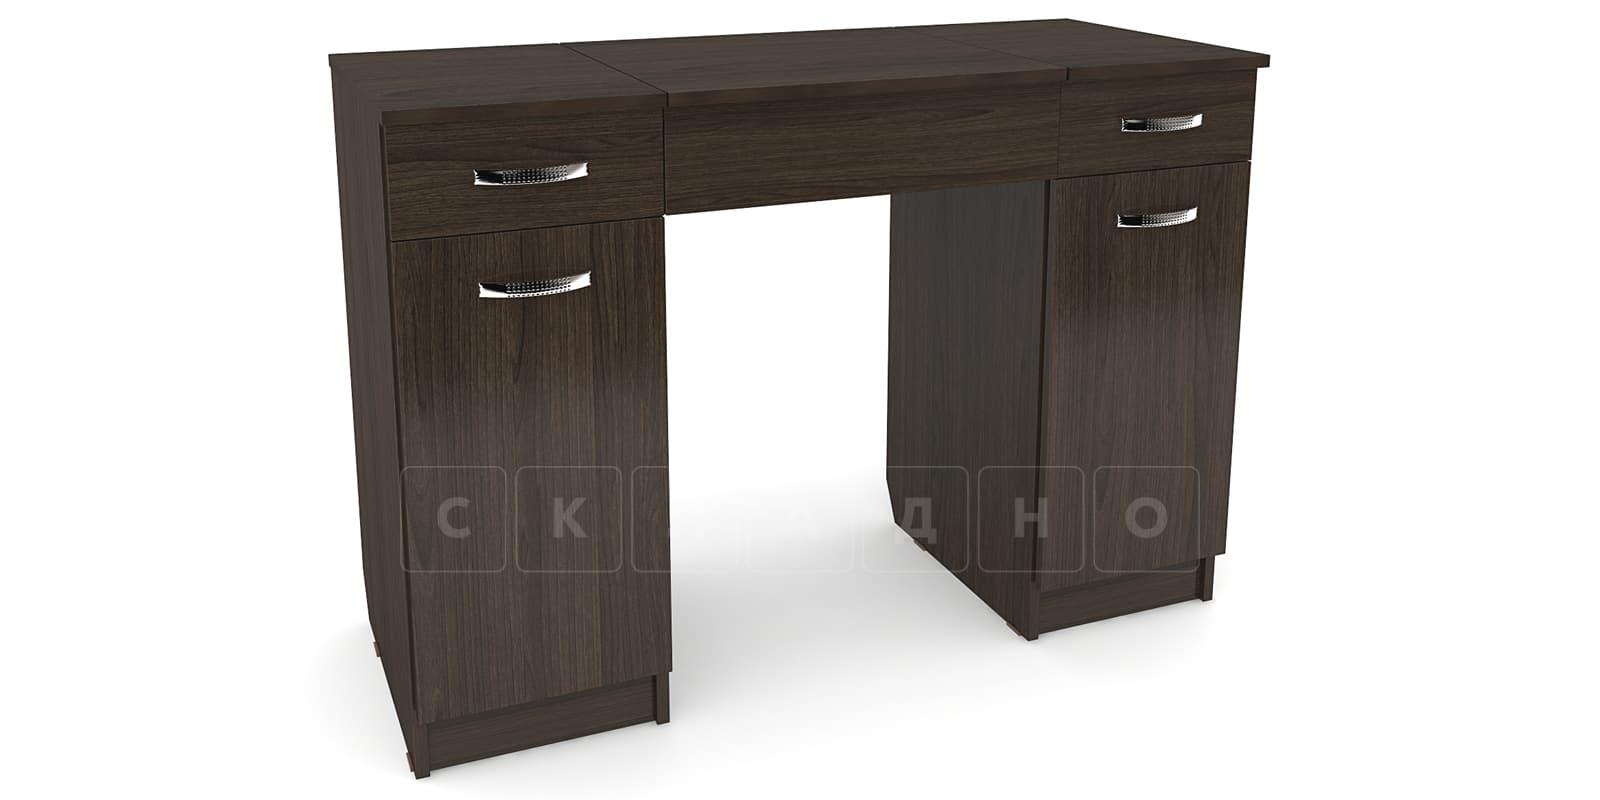 Туалетный столик Портофино с двумя ящиками фото 2 | интернет-магазин Складно